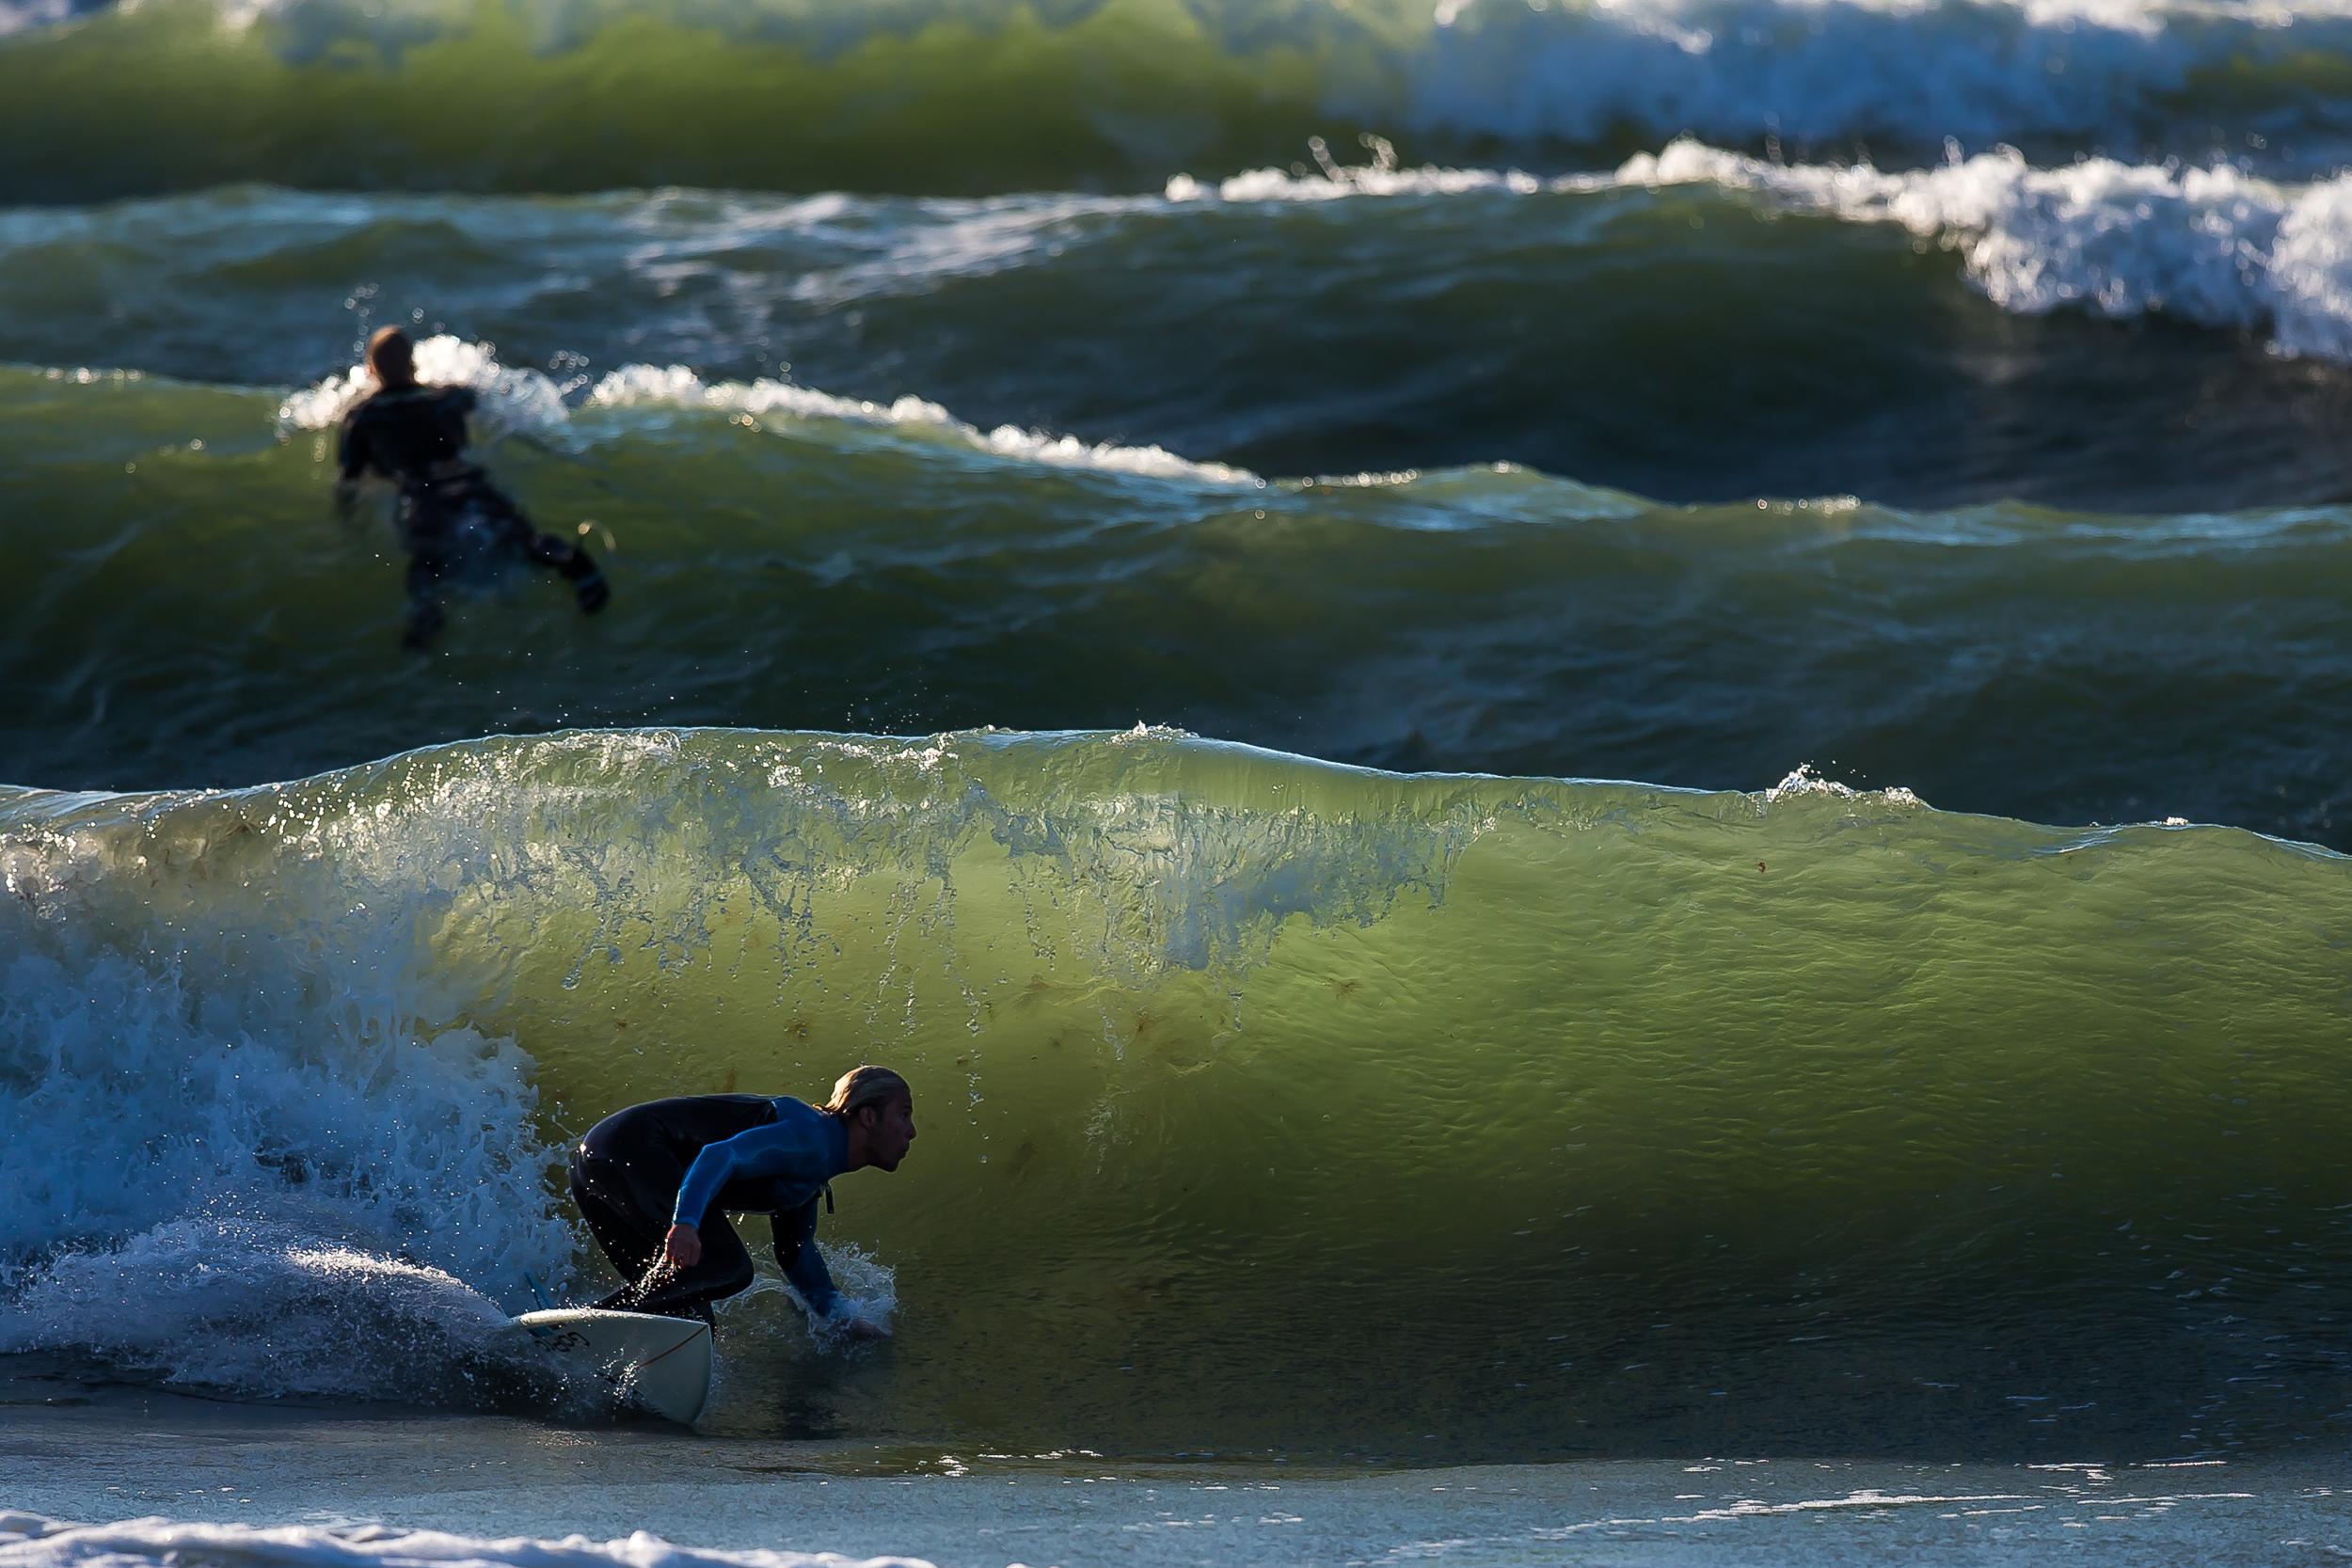 Christian-Surfers-Denmark-2.jpg